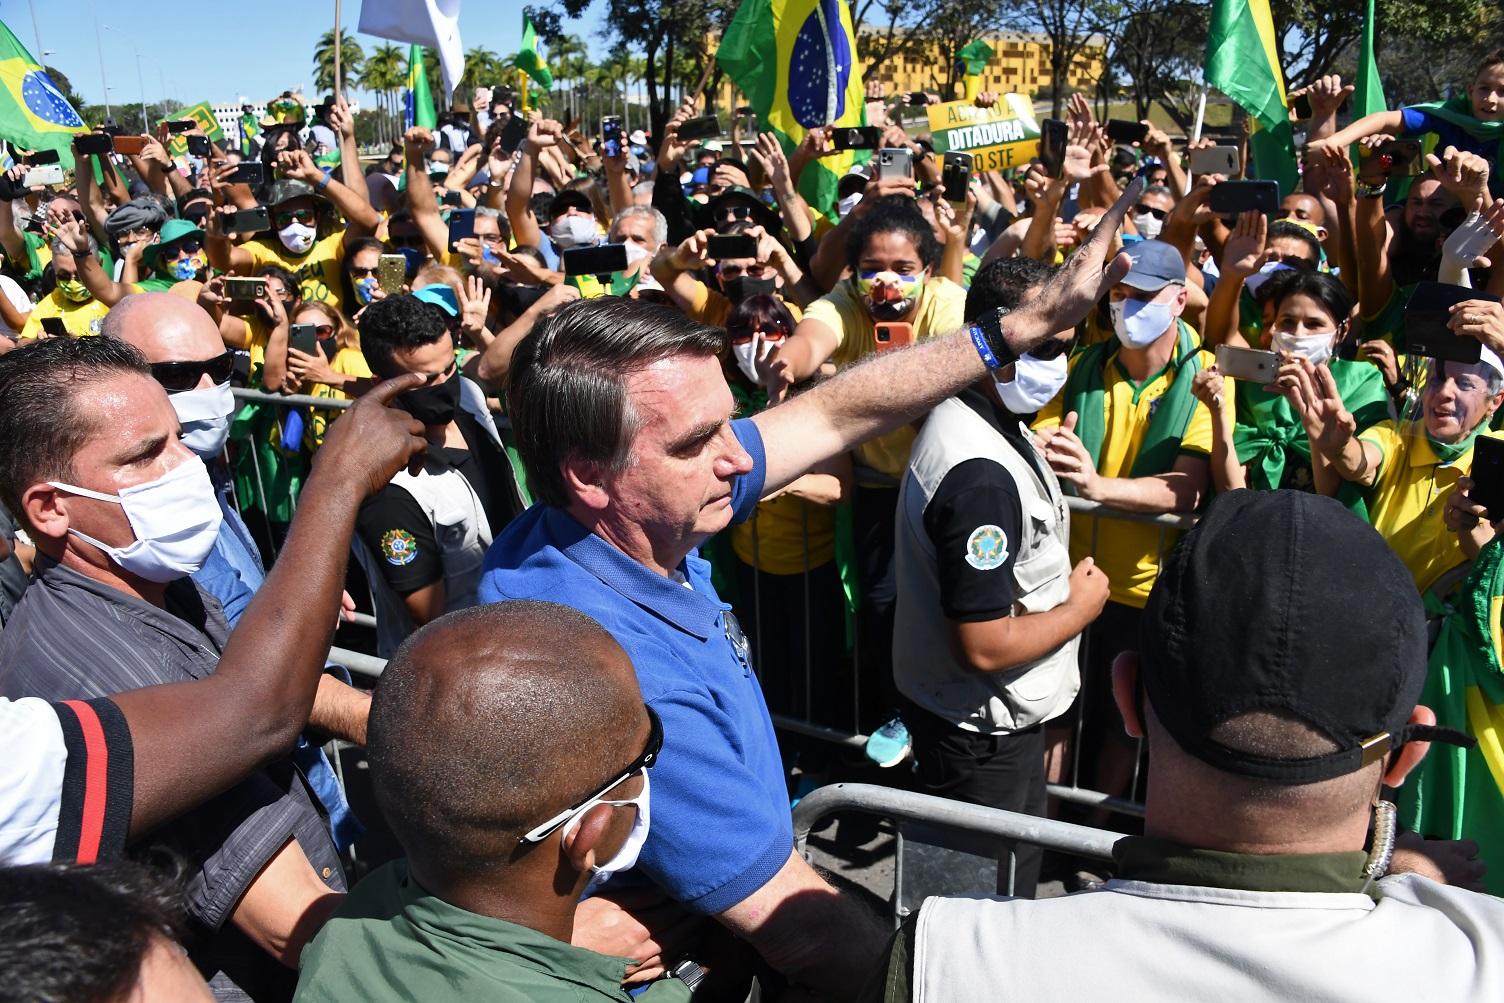 Enquanto o Brasil chora os seus mortos, o presidente Jair Bolsonaro segue celebrando com seus seguidores em manifestações cotidianas em Brasília. Foto Evaristo Sá/AFP